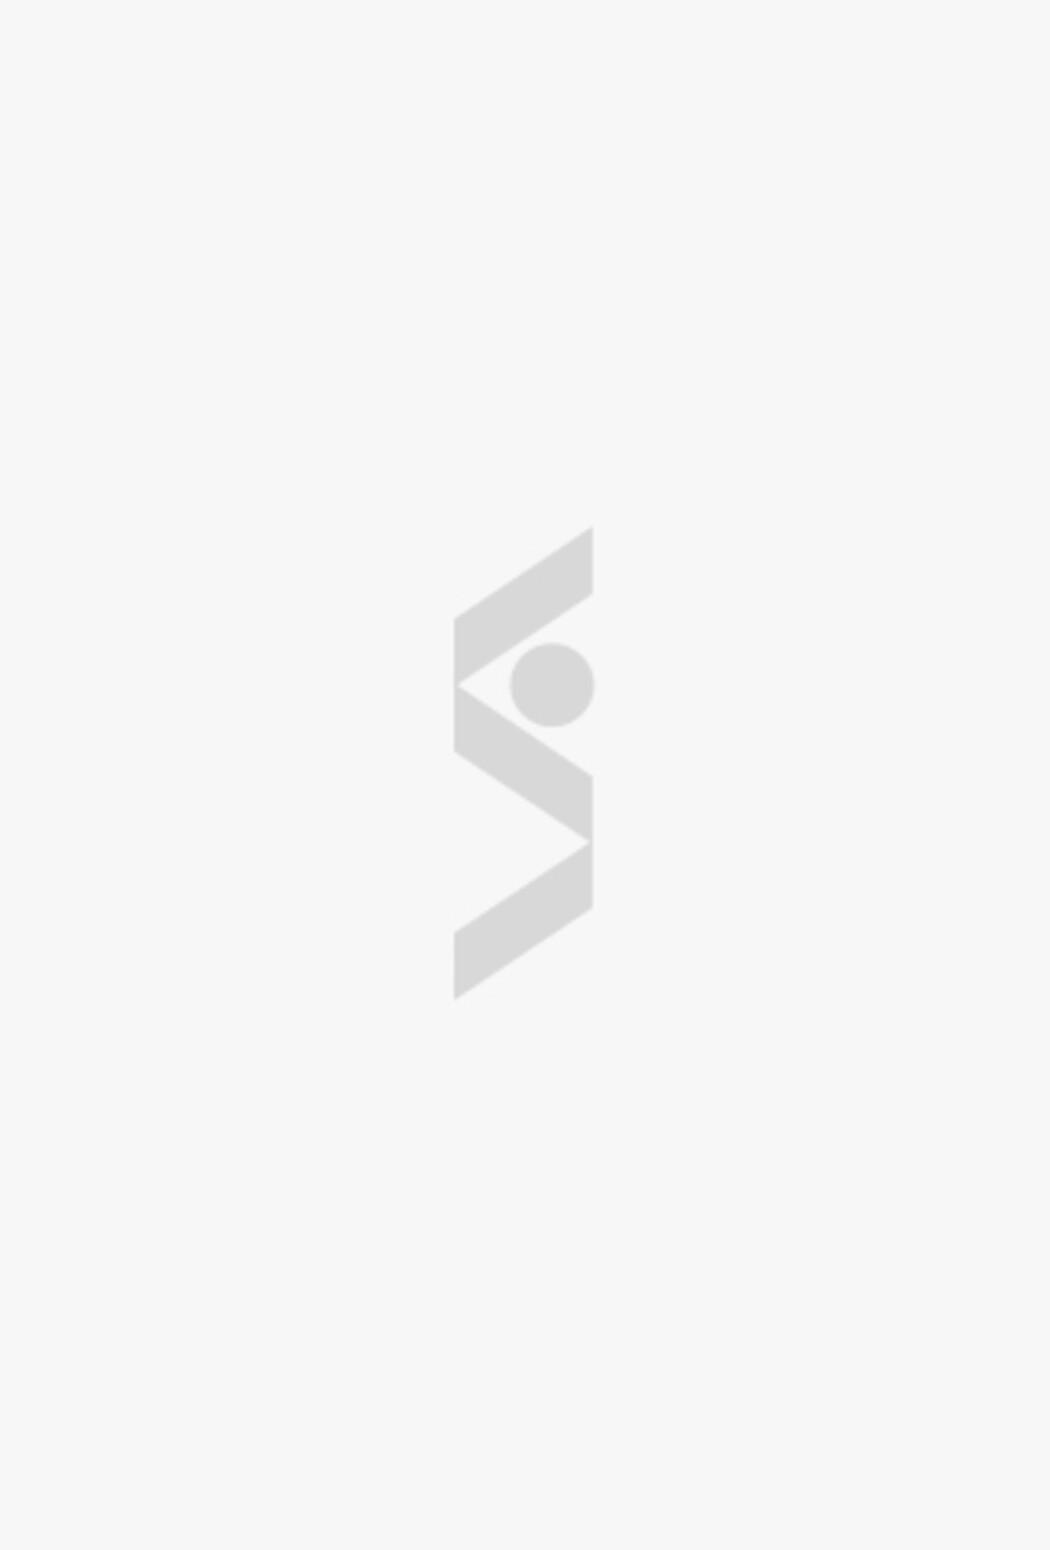 Приталенное платье на бретелях SABRINA SCALA - купить, цена 2790 ₽ в Москве в интернет-магазине СТОКМАНН BAFC85AF-910D-4DEB-A33F-6FEB126D97E3